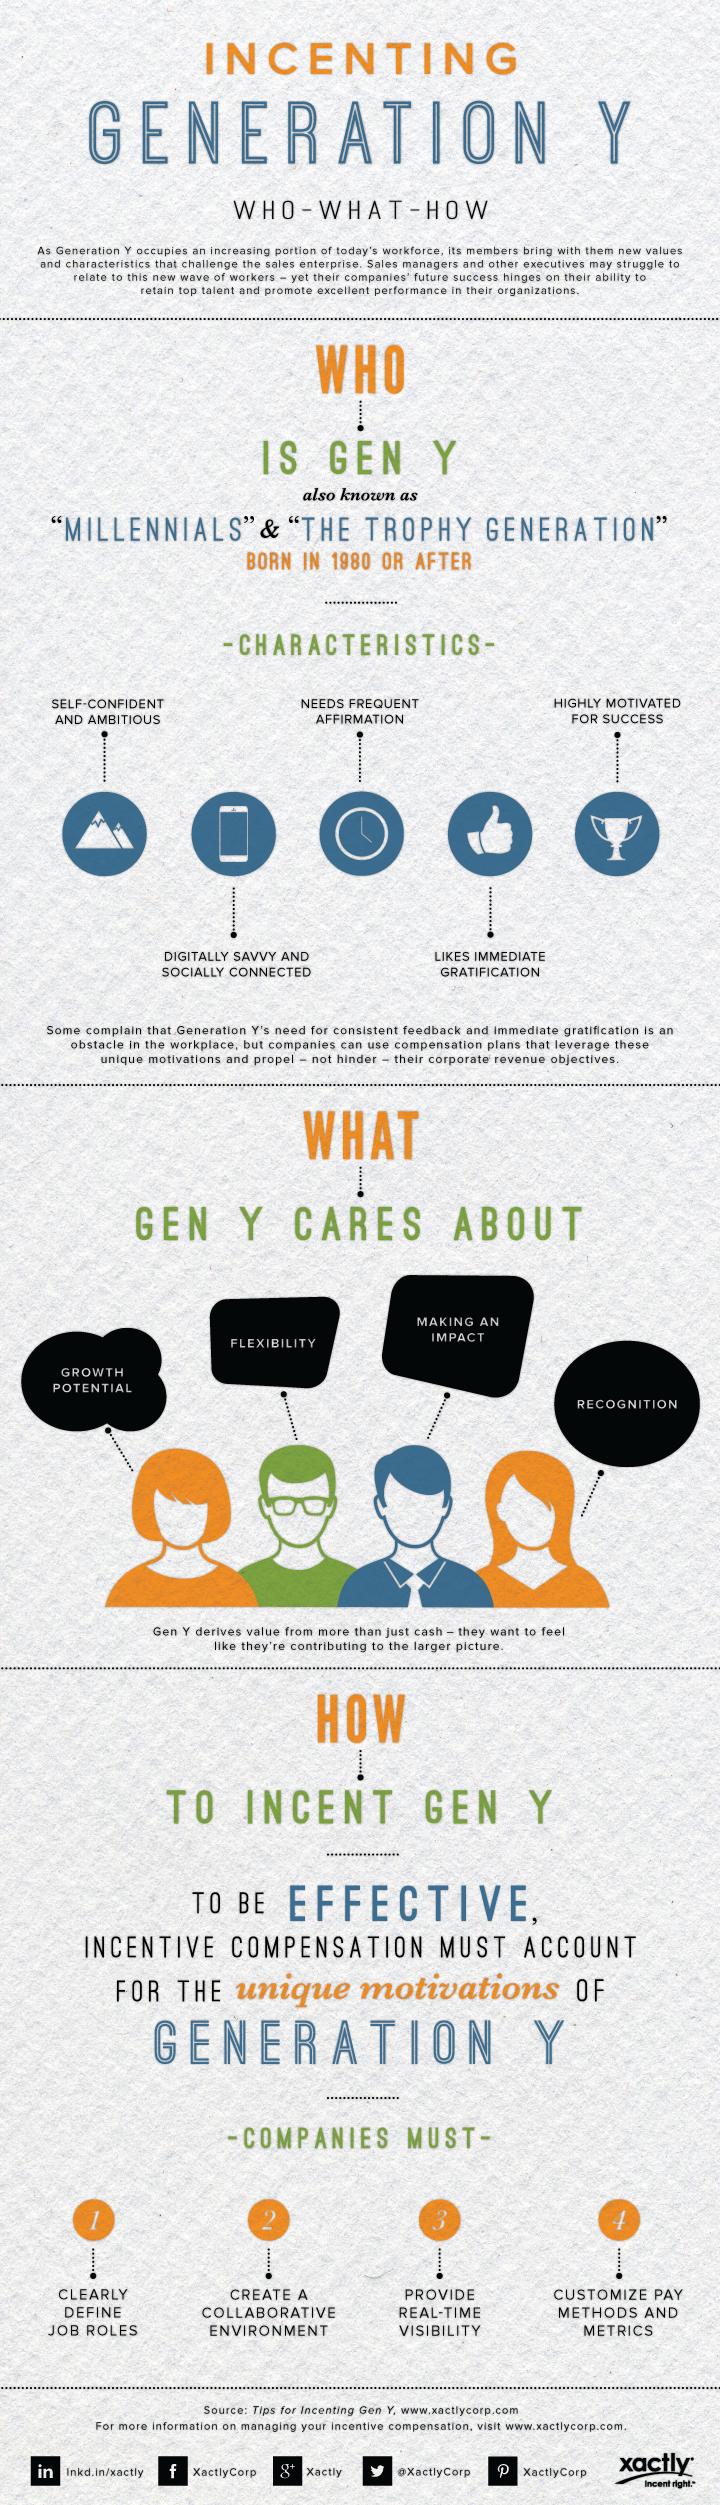 Motivating Millennials It Takes More Than Money Millennials Generation Generational Differences Millennials